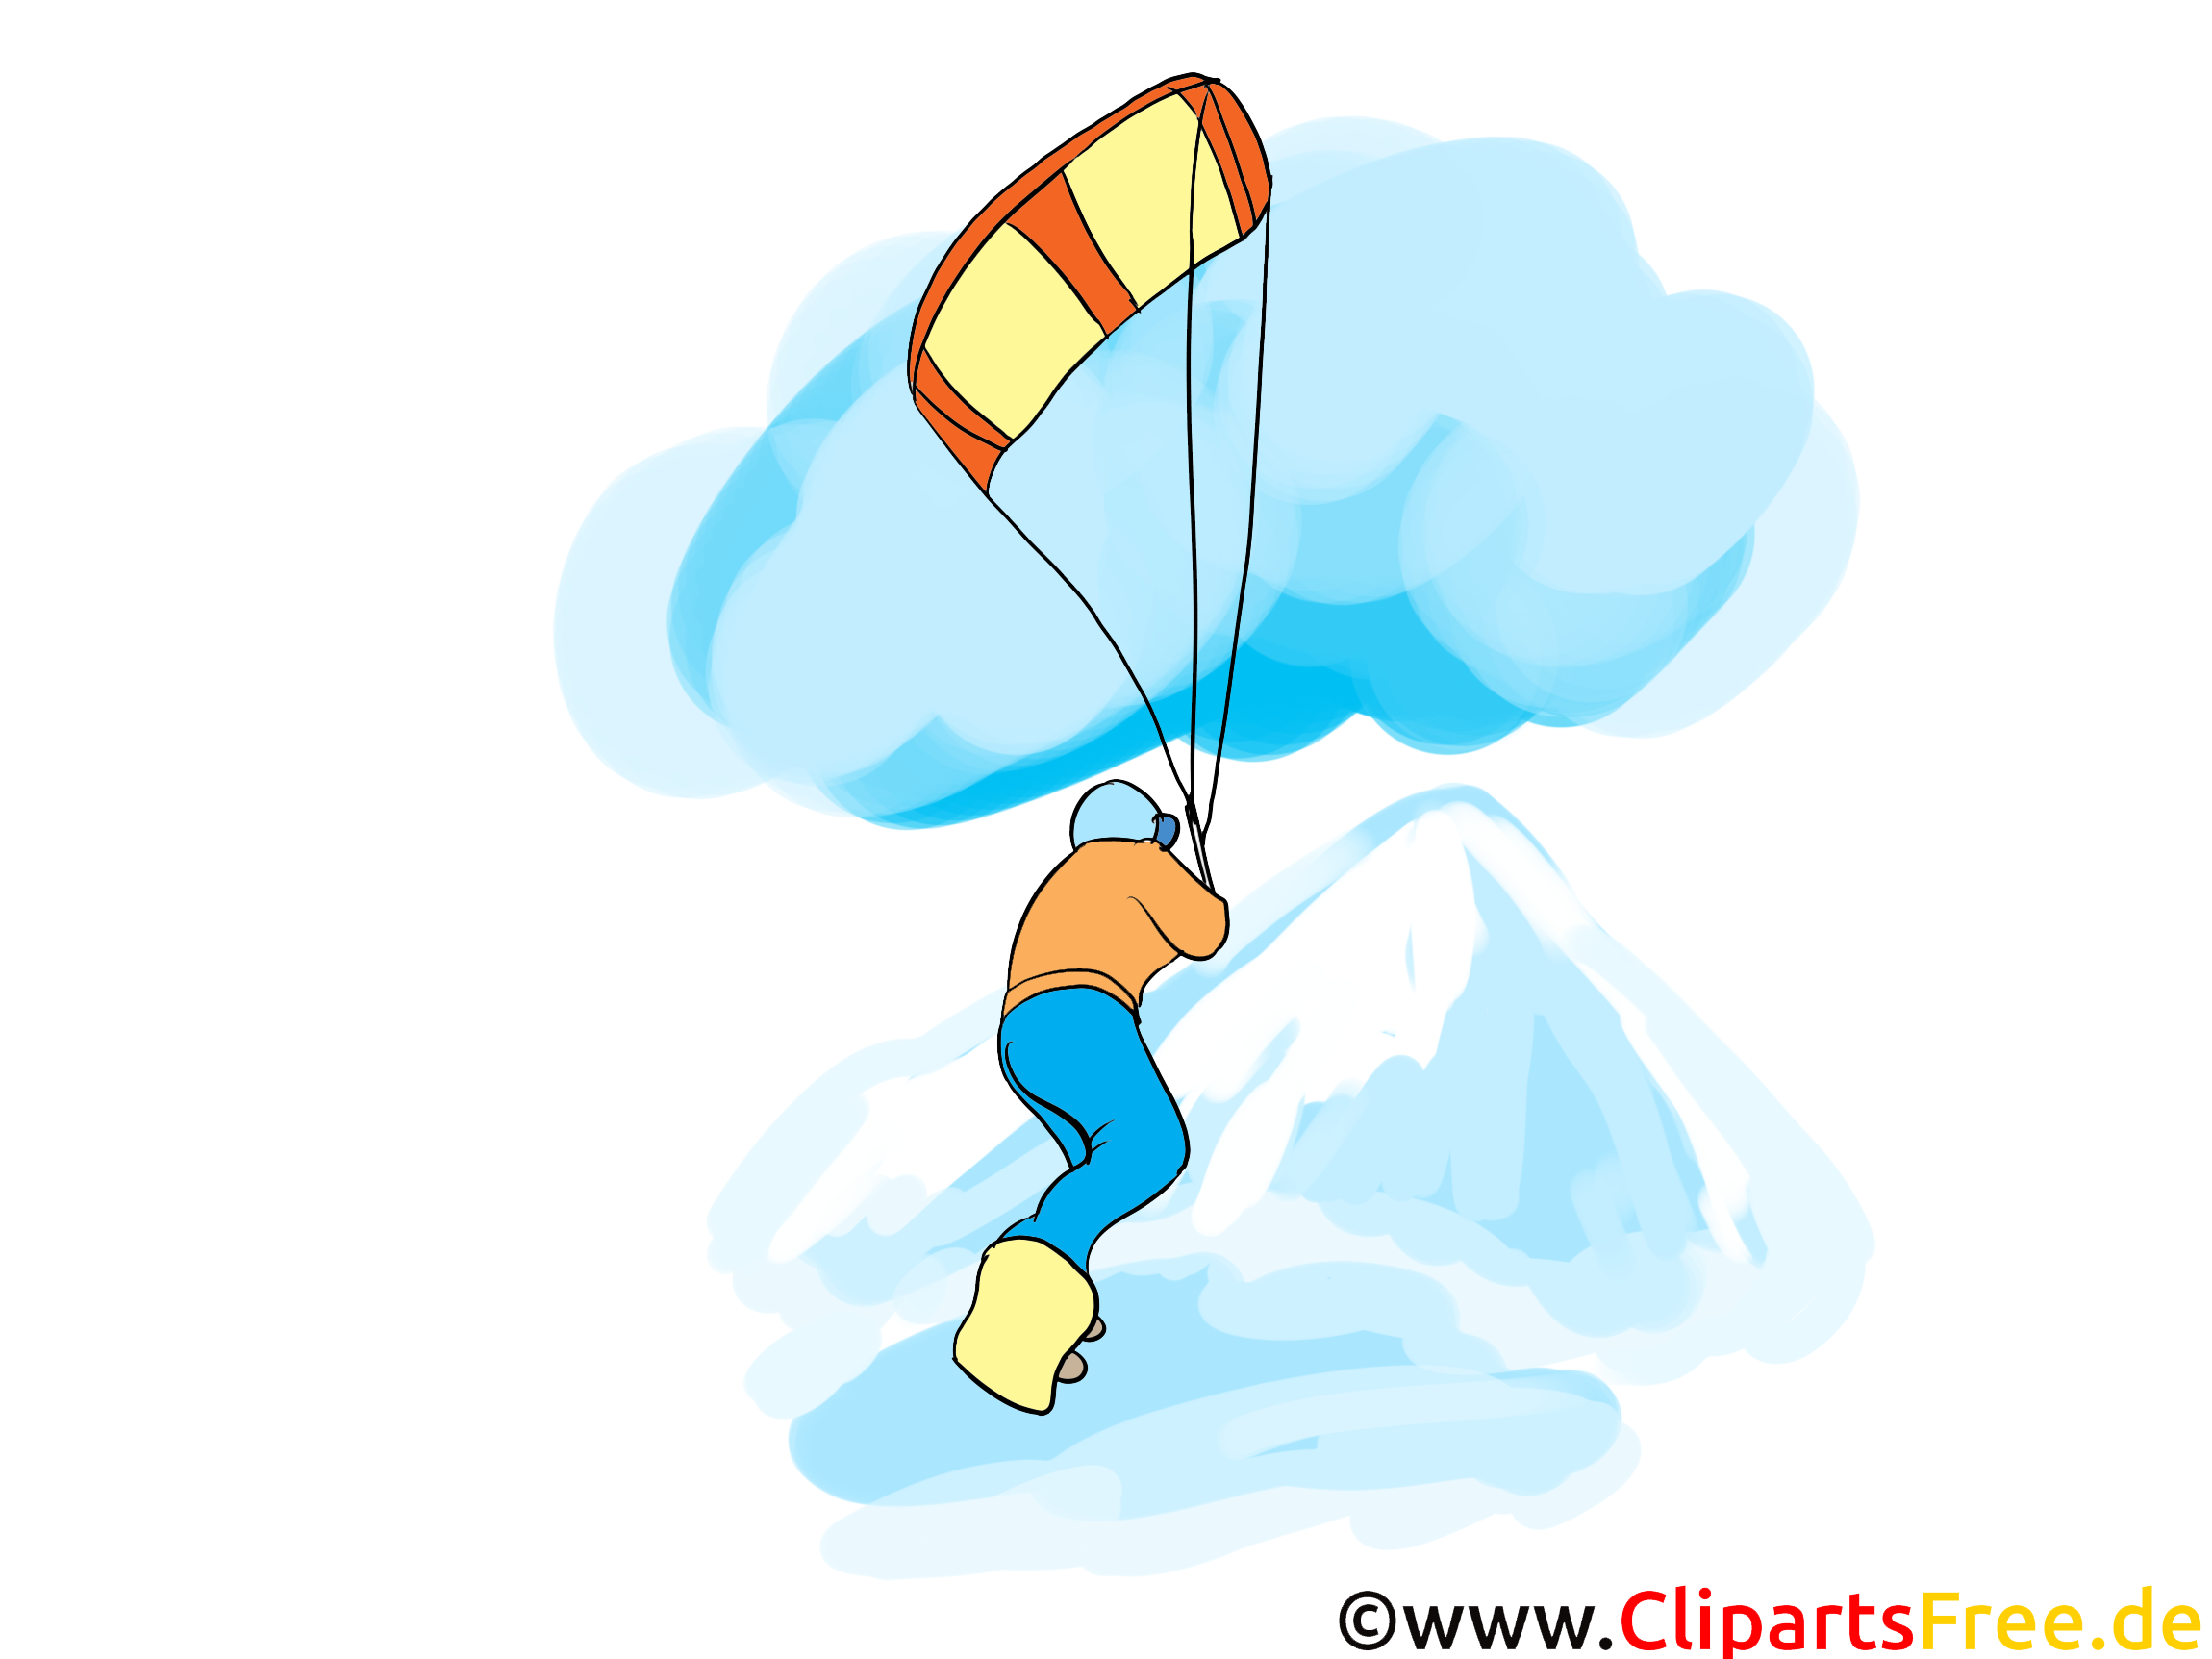 Paraglider Clipart, Afbeelding, Cartoon, Strip, Illustratie